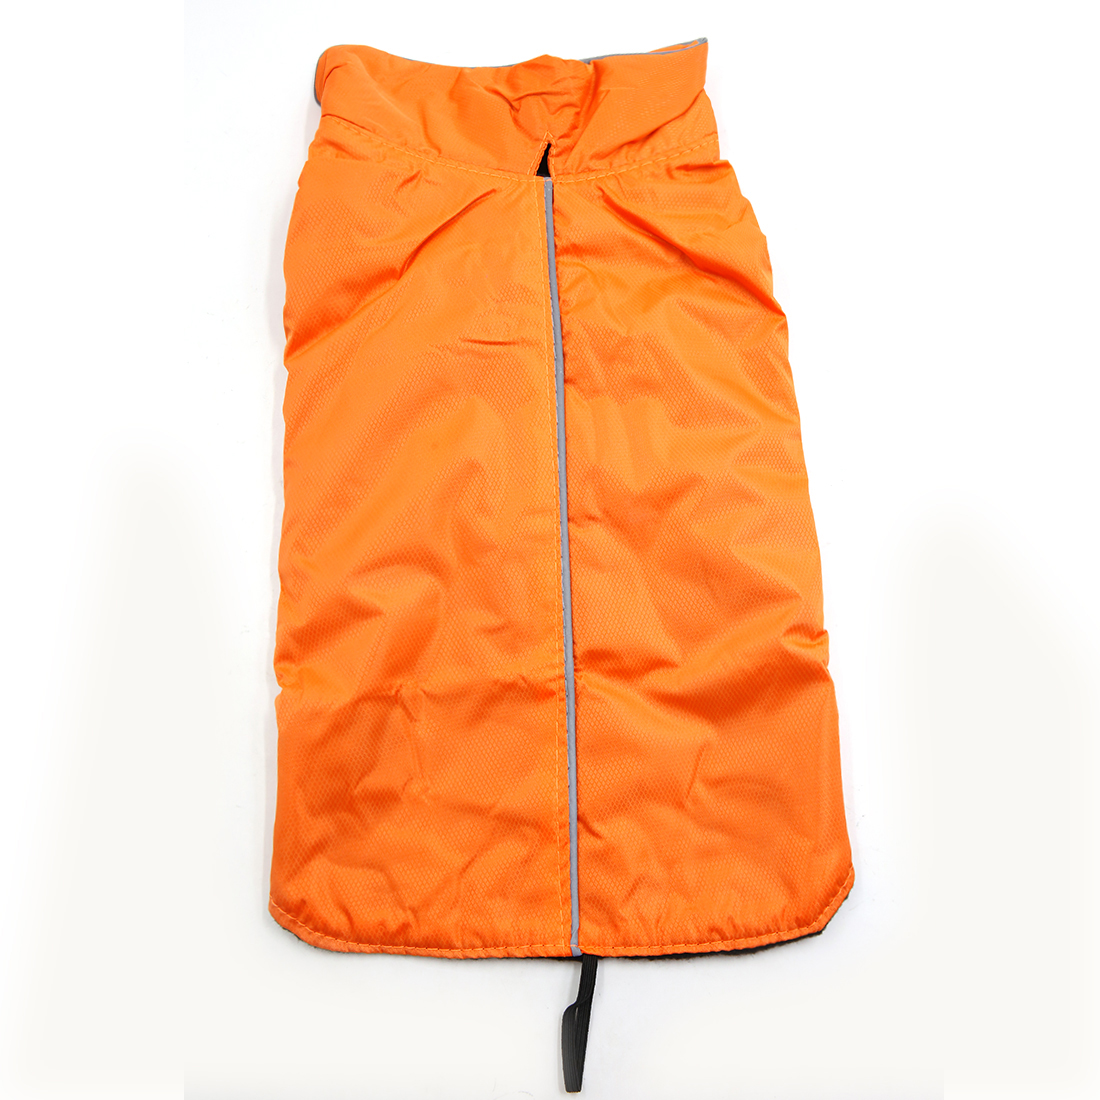 Reflective Waterproof Dog Vest Jacket Clothes Soft Warm Fleece Lining Dog Coat Clothing Orange XL